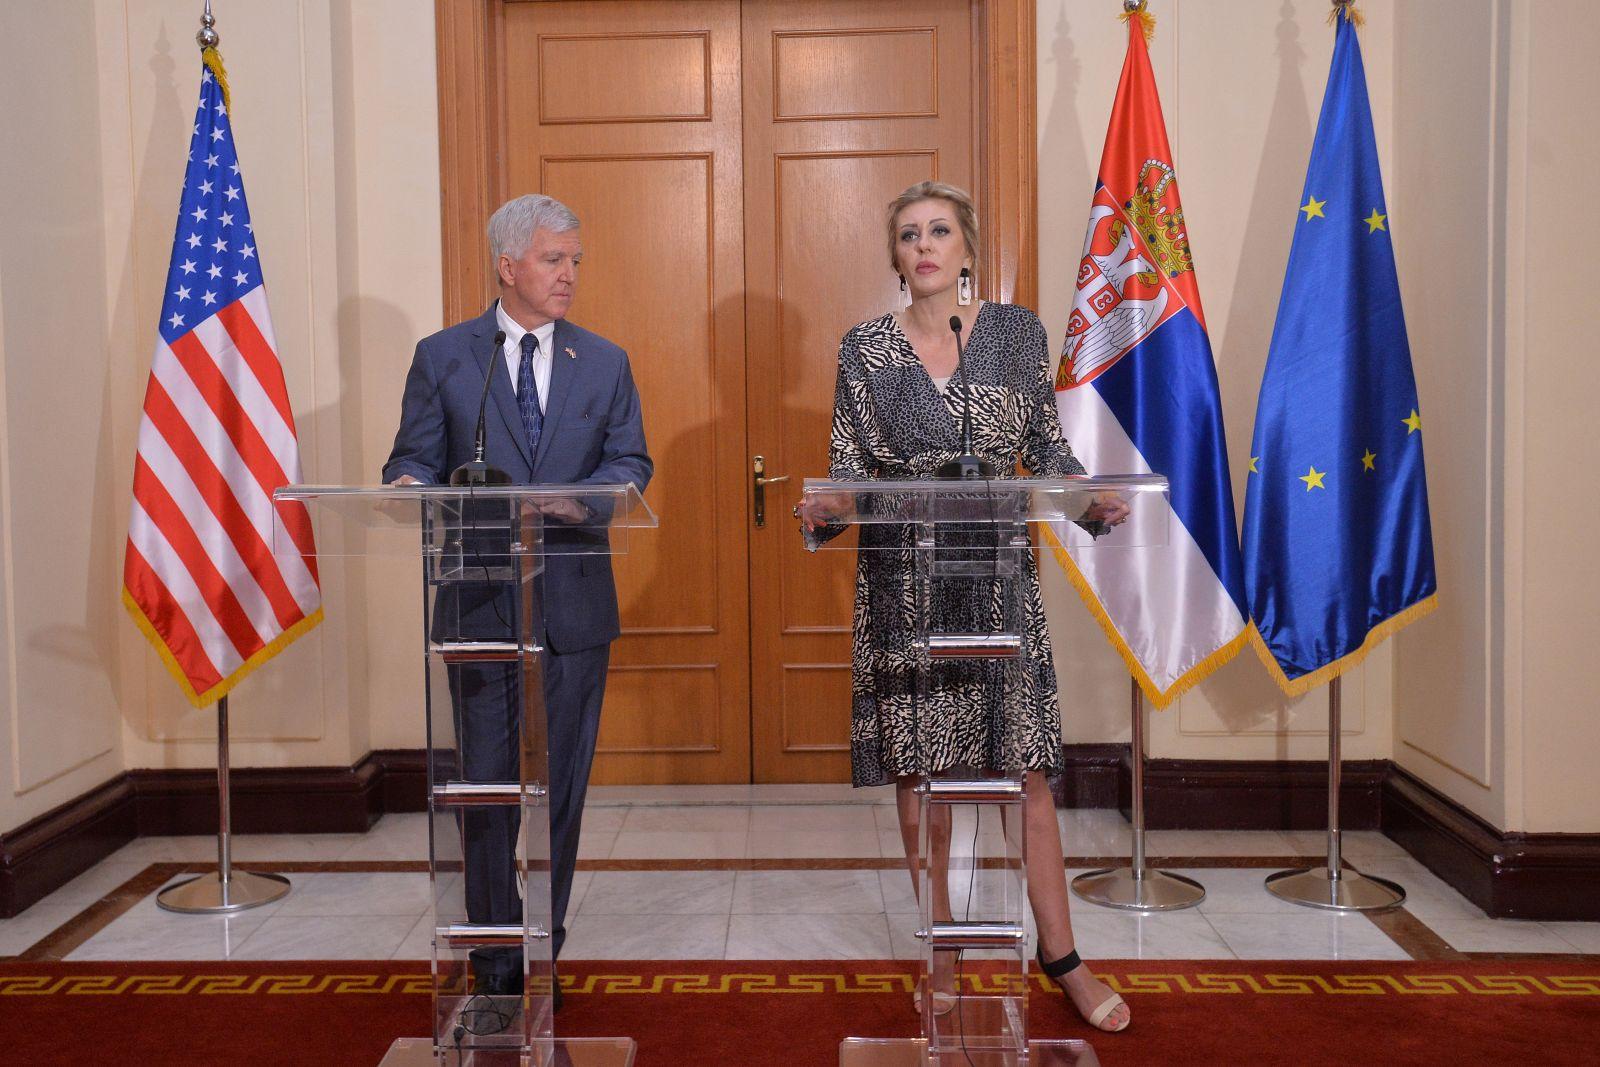 Ј. Јоксимовић: Укидање такси јасан услов за наставак дијалога